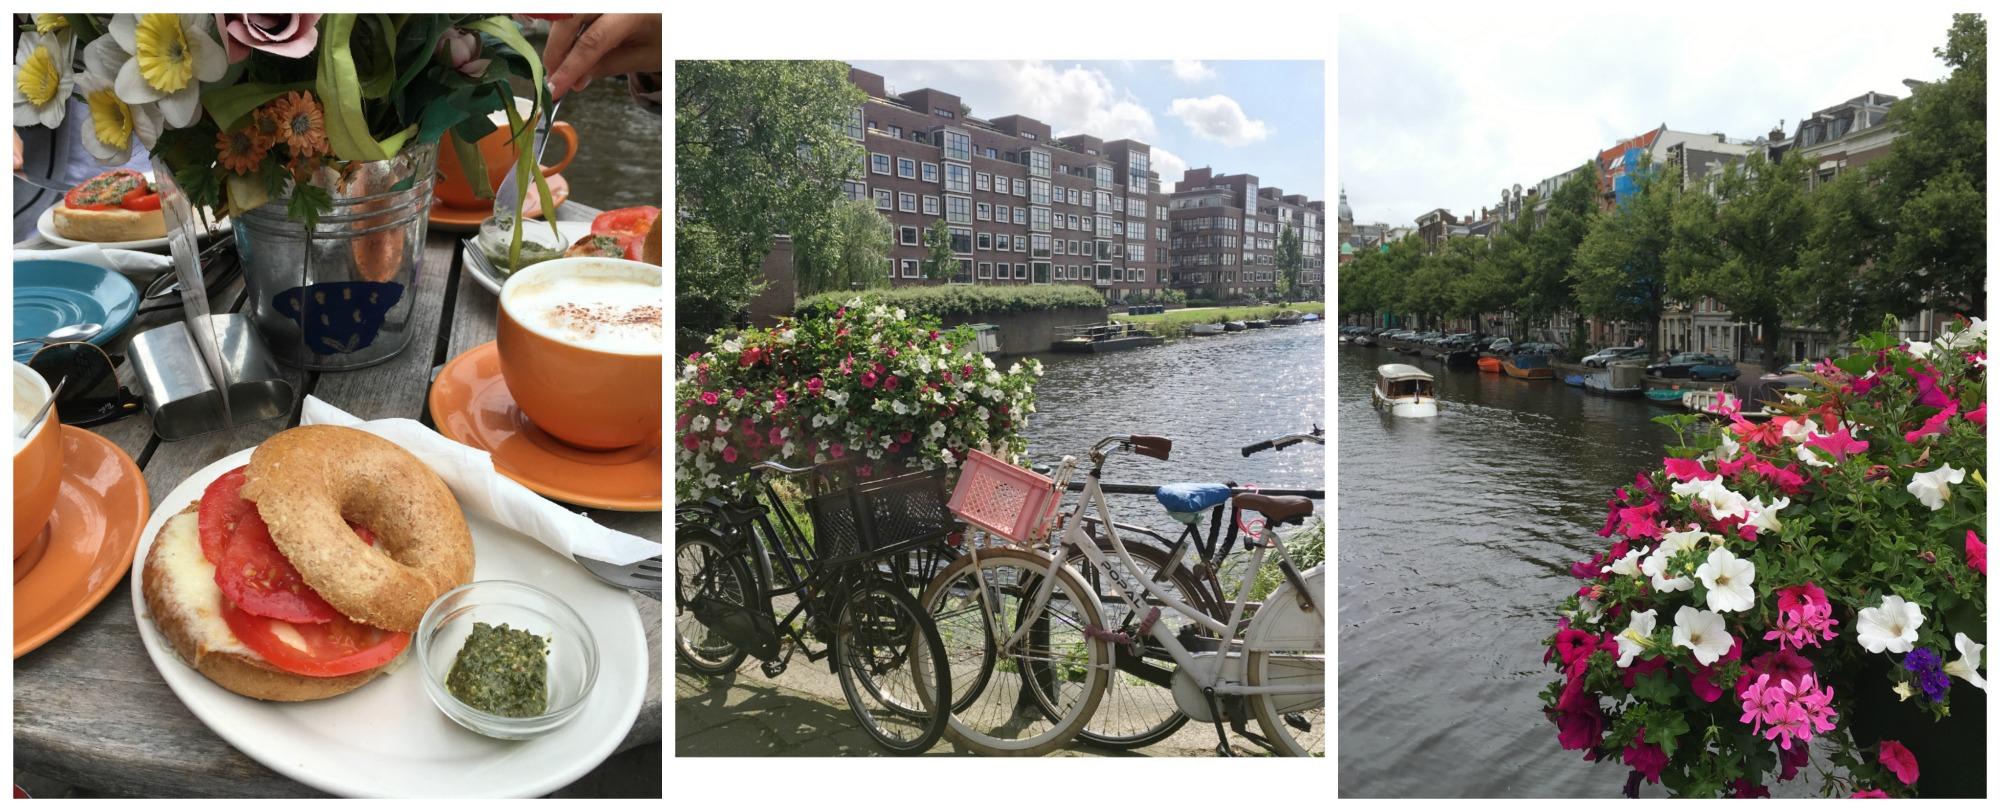 Amsterdam-Klara-fuchs-brooks-running-österreich-graz-deutschland-leichtathletik-fitnessblog-fitness-blog-sport-gesundheit-fit-blogger-collage1